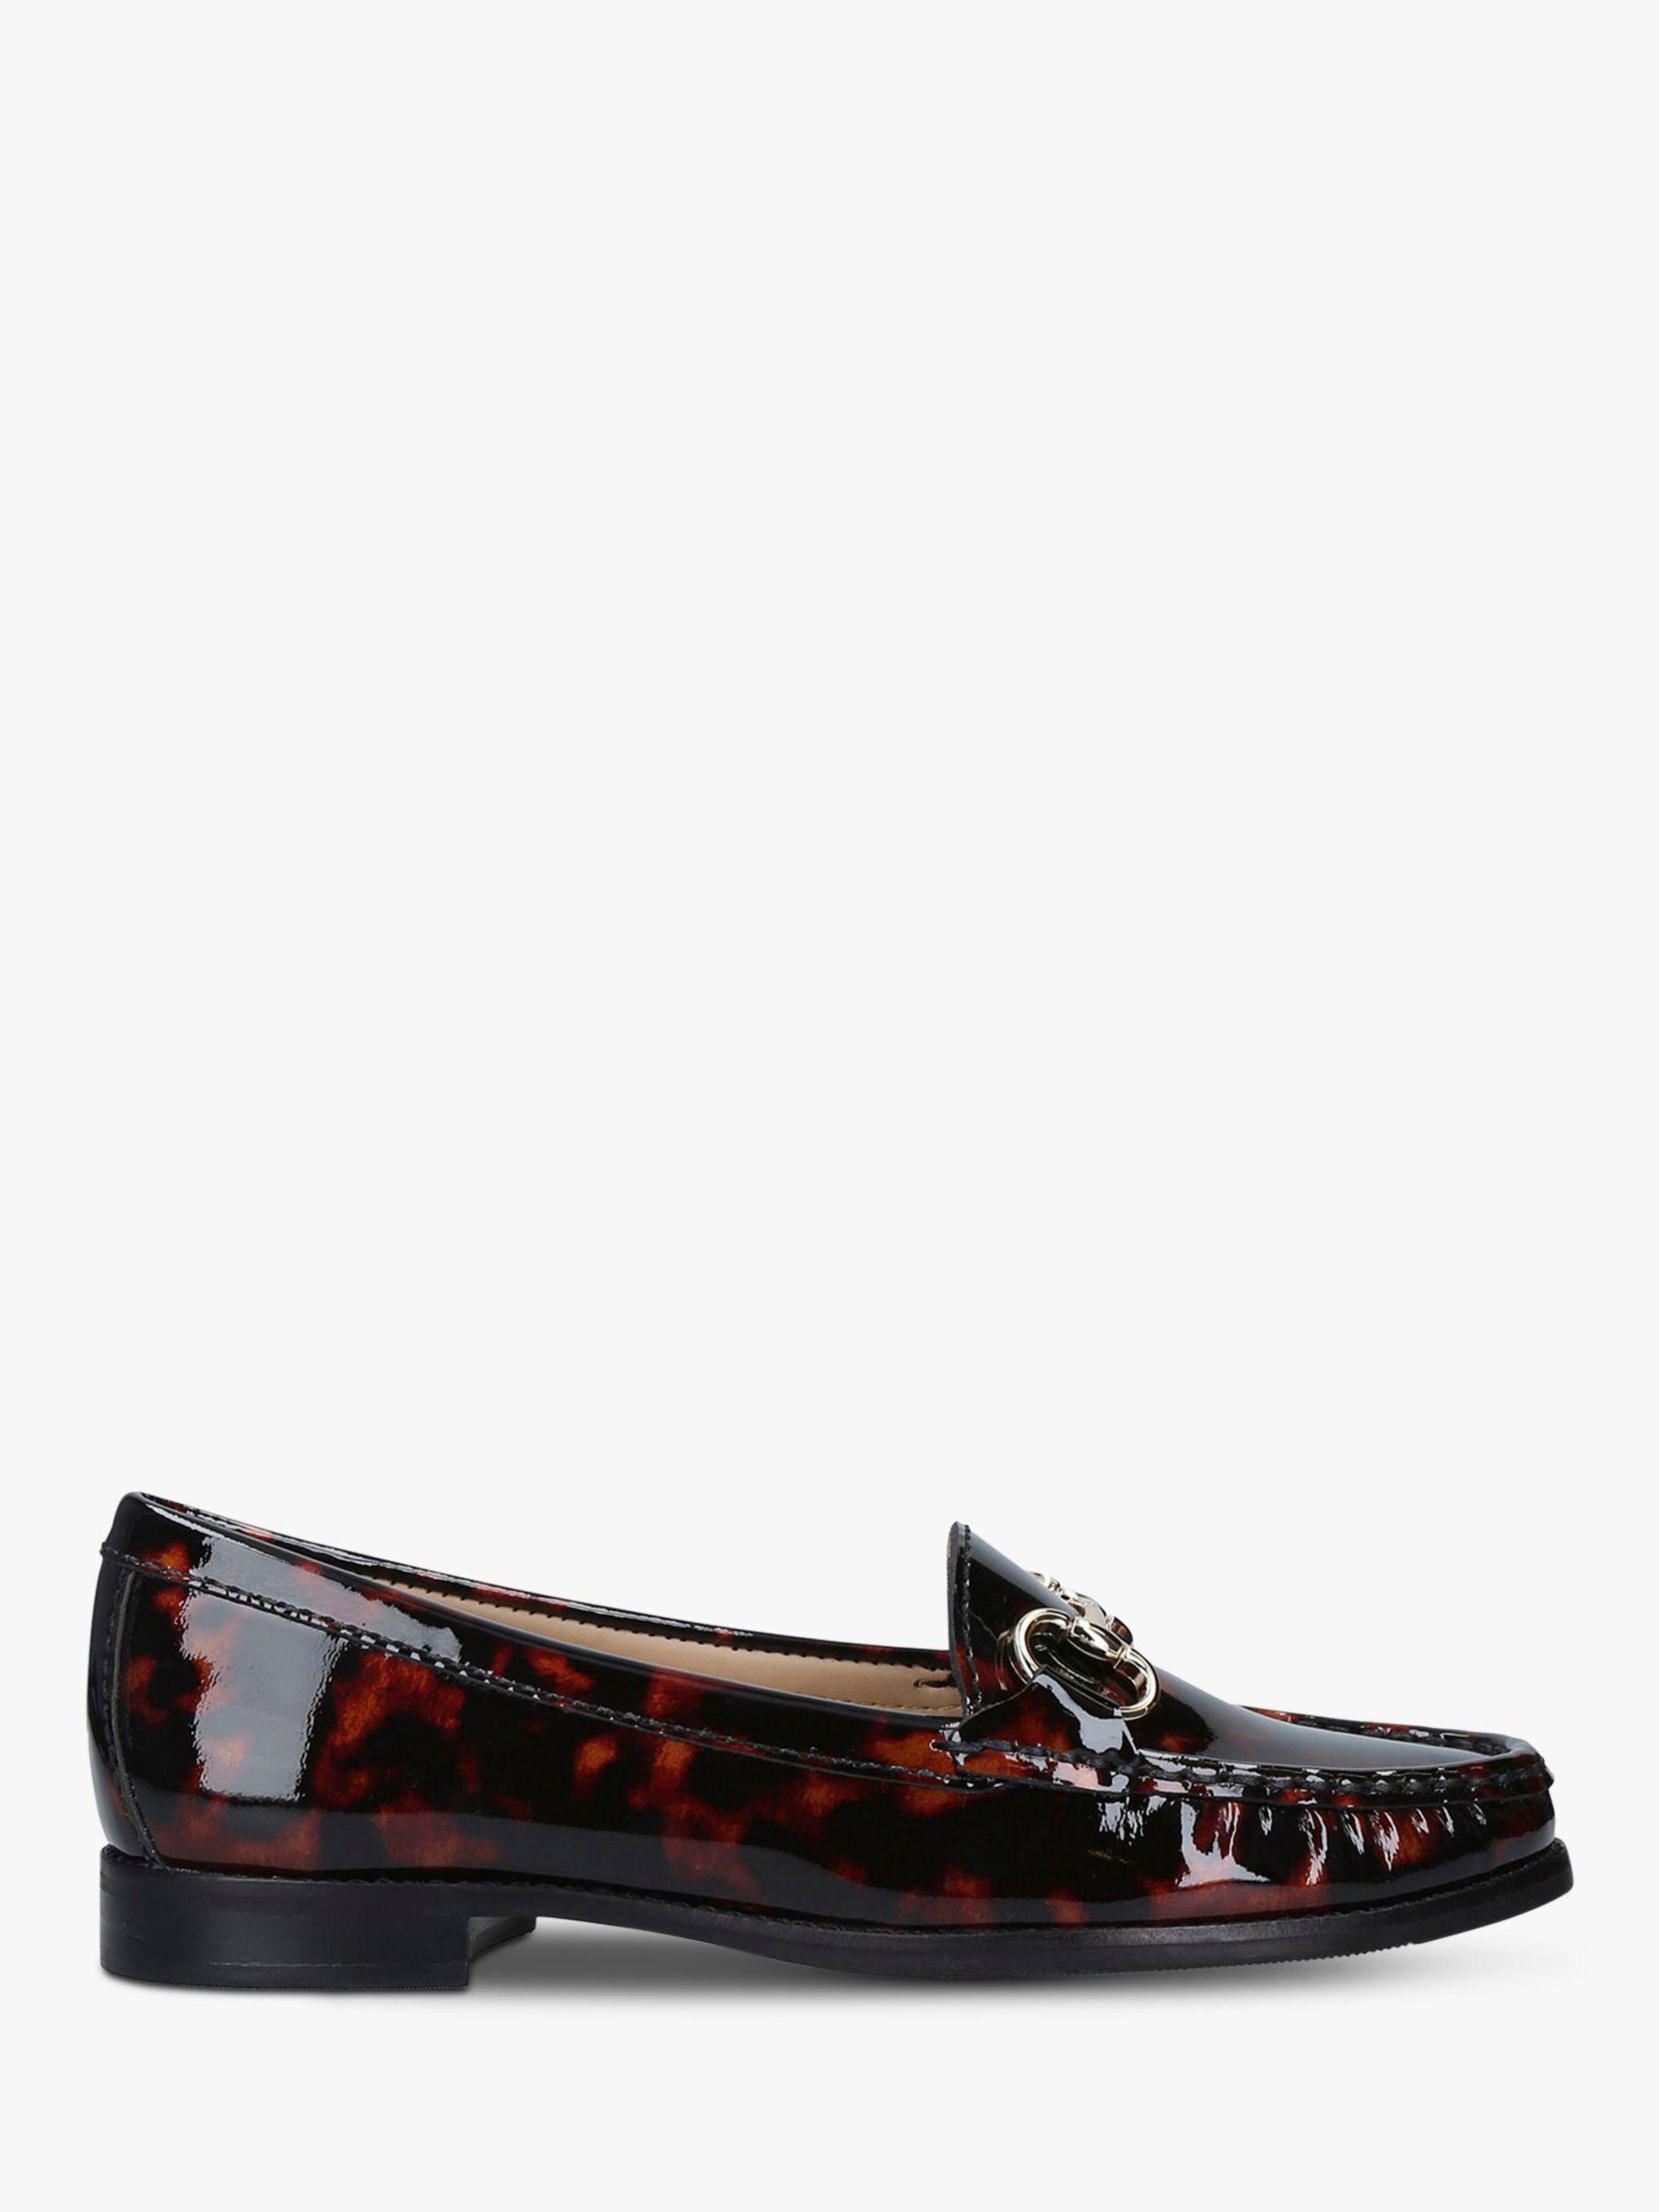 Carvela Comfort Carvela Comfort Click Patent Loafers, Dark Brown